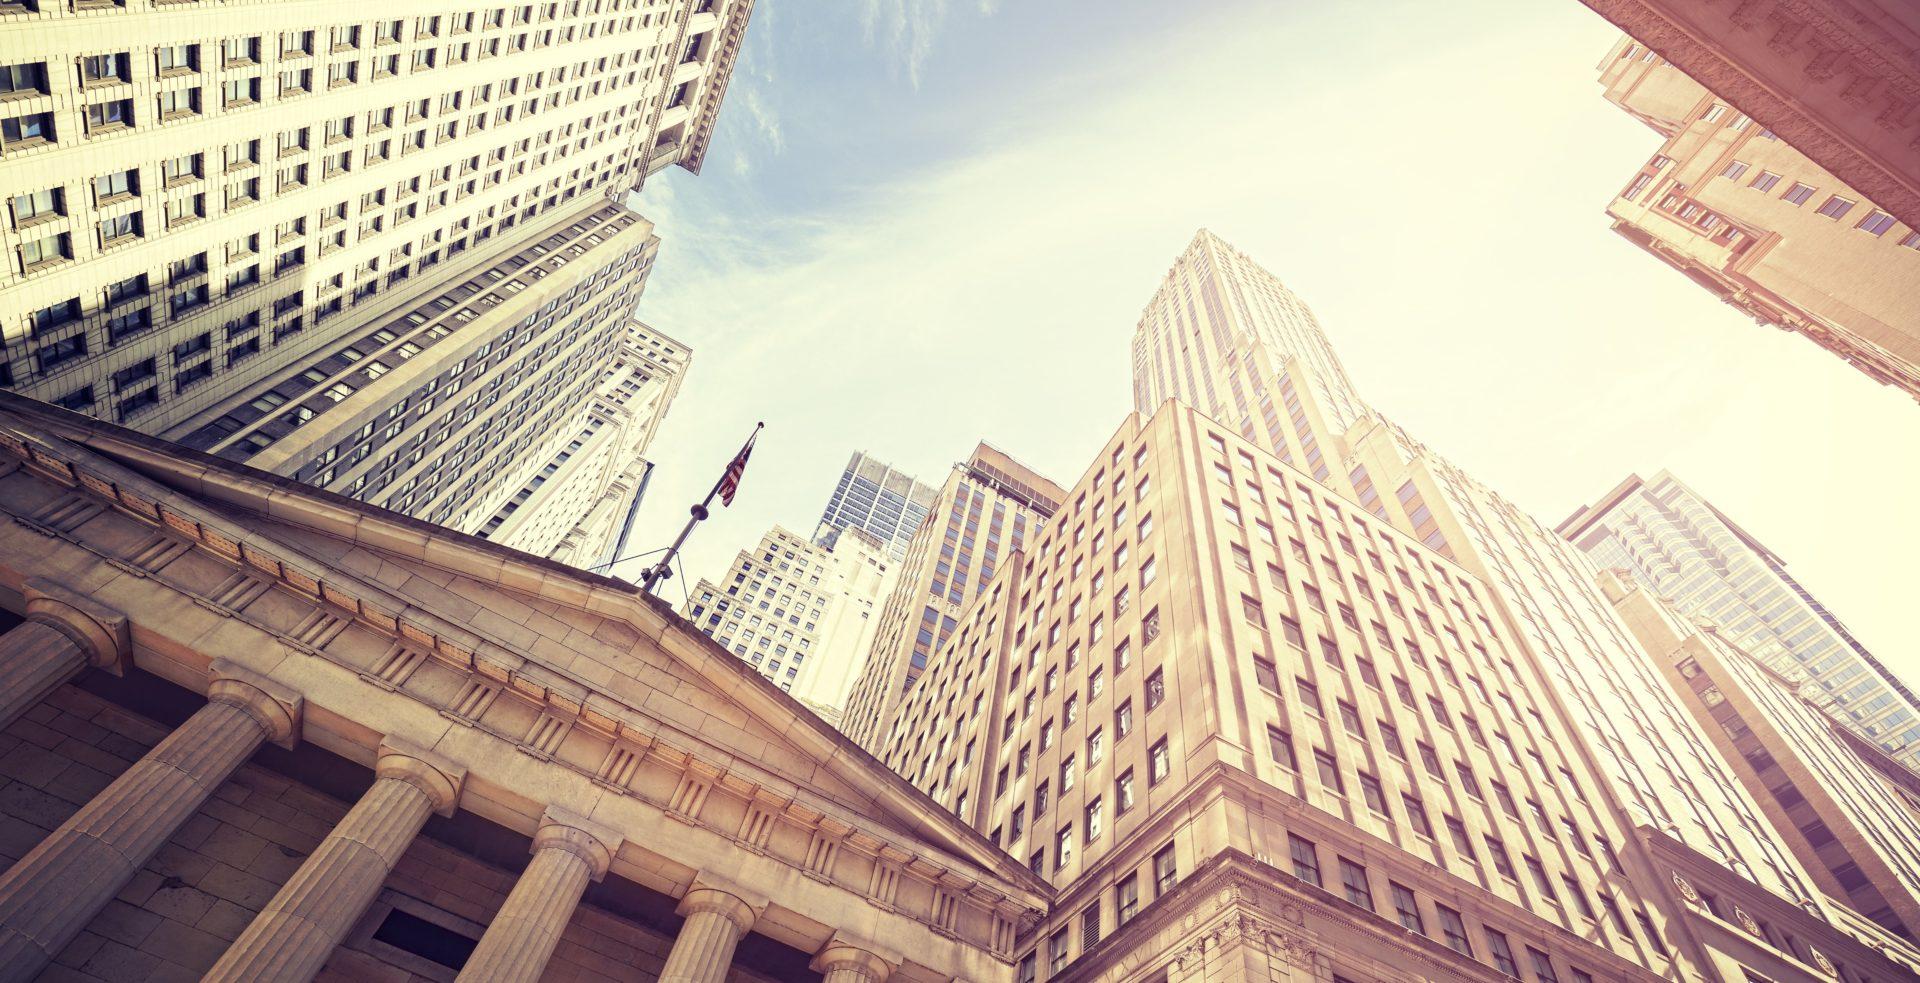 Intercontinental Exchange Building